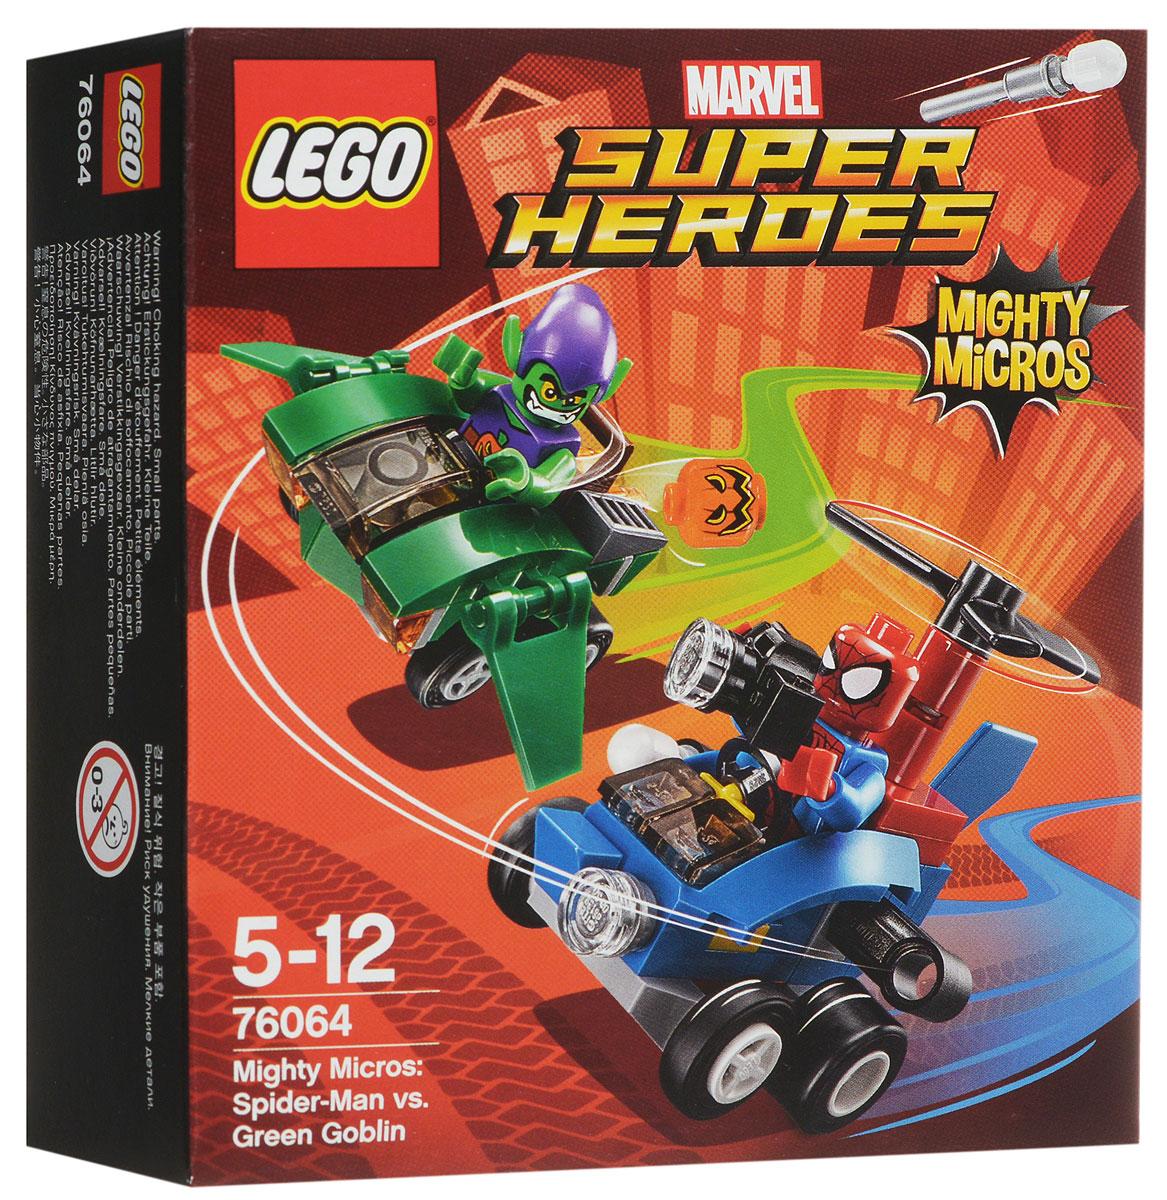 LEGO Super Heroes Конструктор Человек-паук против Зеленого Гоблина 7606476064Скиньте ракету с вертолета Человека-паука и сделайте вид, что фотографируетесь на его фотоаппарат. Но будьте осторожны - Зеленый Гоблин кидает свою тыквенную бомбу! Если Зеленый Гоблин раскроет свои планерные крылья, запускайте винты и продолжайте погоню в небе! Набор включает в себя 85 разноцветных пластиковых элементов. Конструктор - это один из самых увлекательных и веселых способов времяпрепровождения. Ребенок сможет часами играть с конструктором, придумывая различные ситуации и истории.